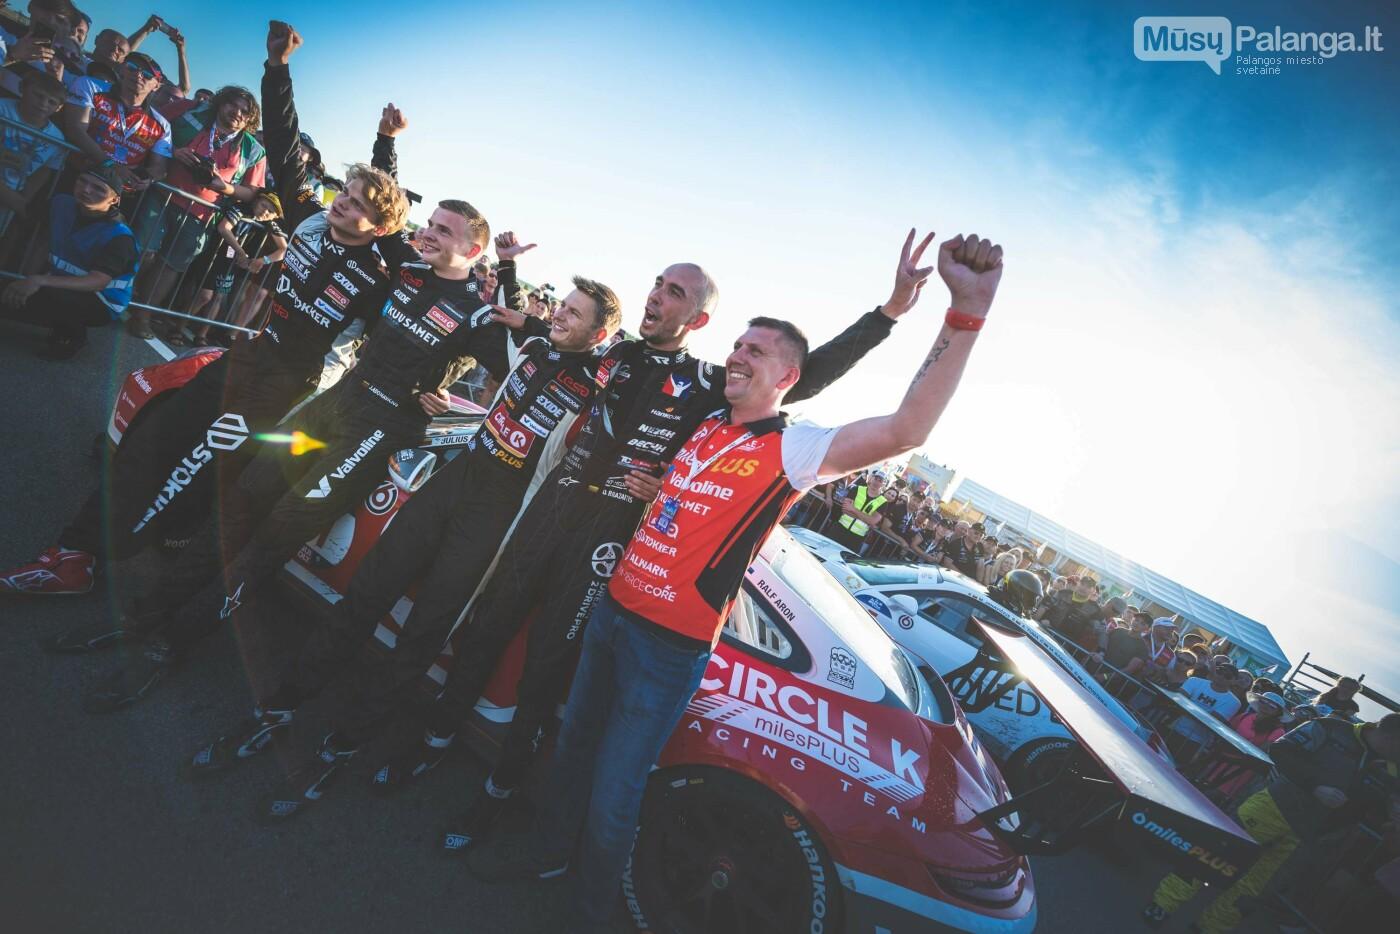 """""""Aurum 1006 km"""" lenktynėse Palangoje – praėjusių metų nugalėtojų triumfas , nuotrauka-2, Vytauto PILKAUSKO ir Arno STRUMILOS nuotr."""